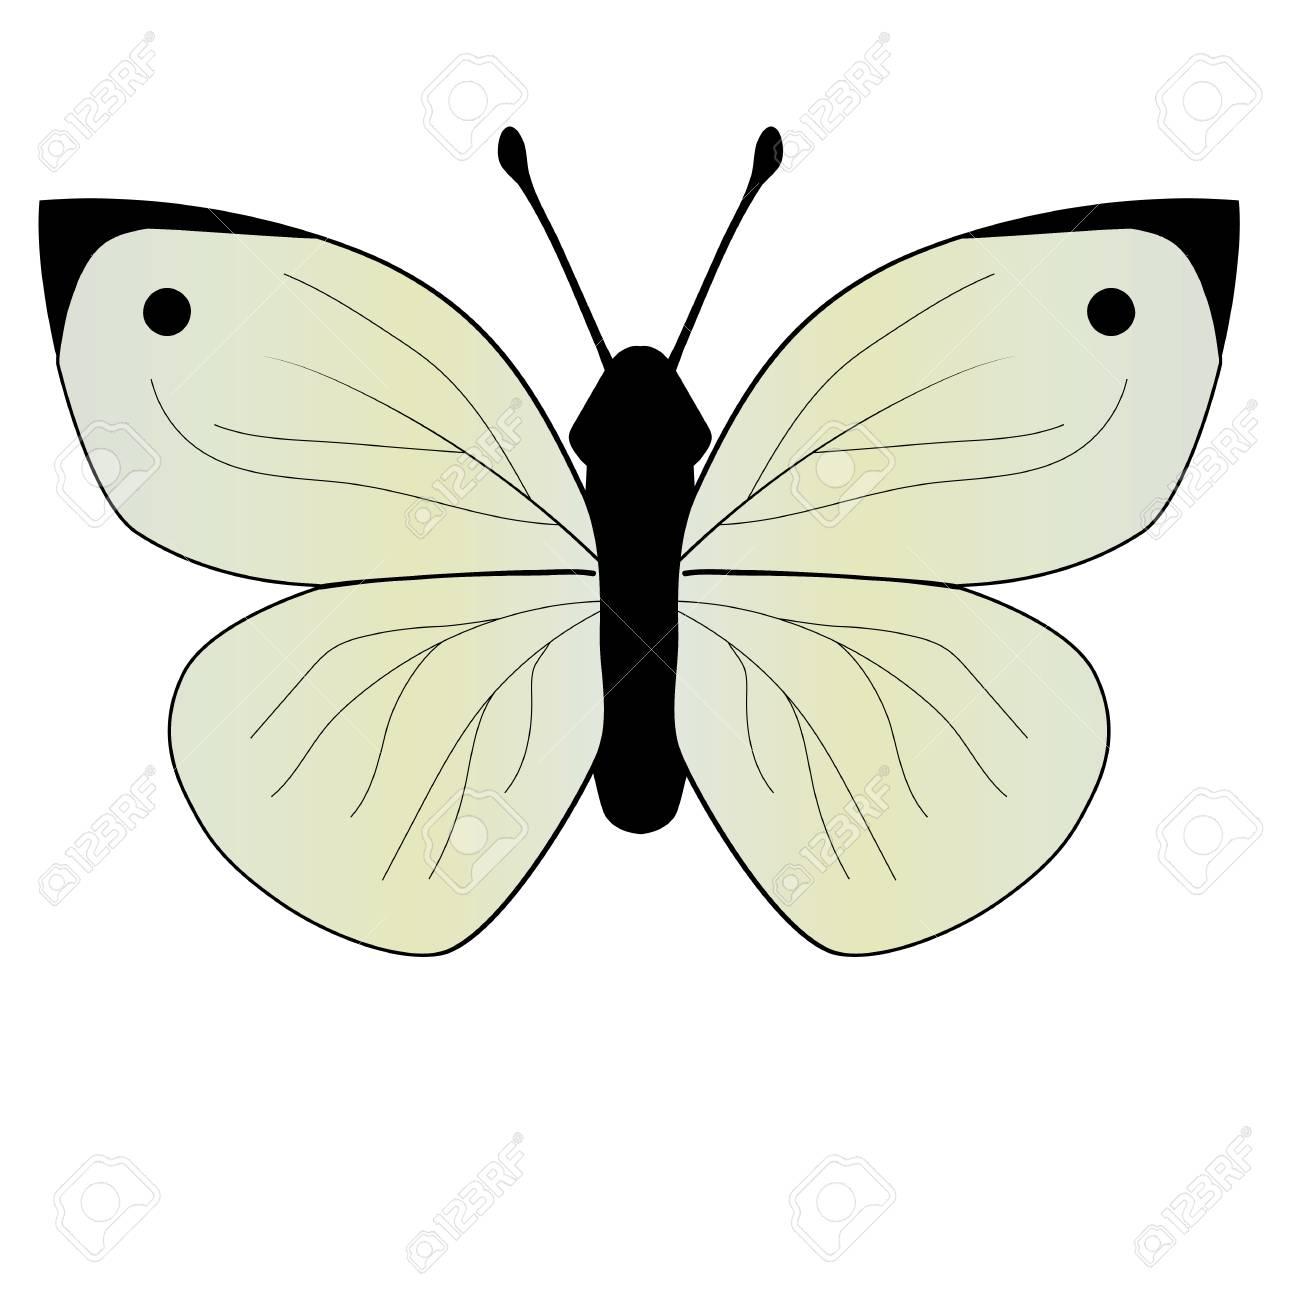 ベクトル図モンシロチョウのイラスト素材ベクタ Image 62009818